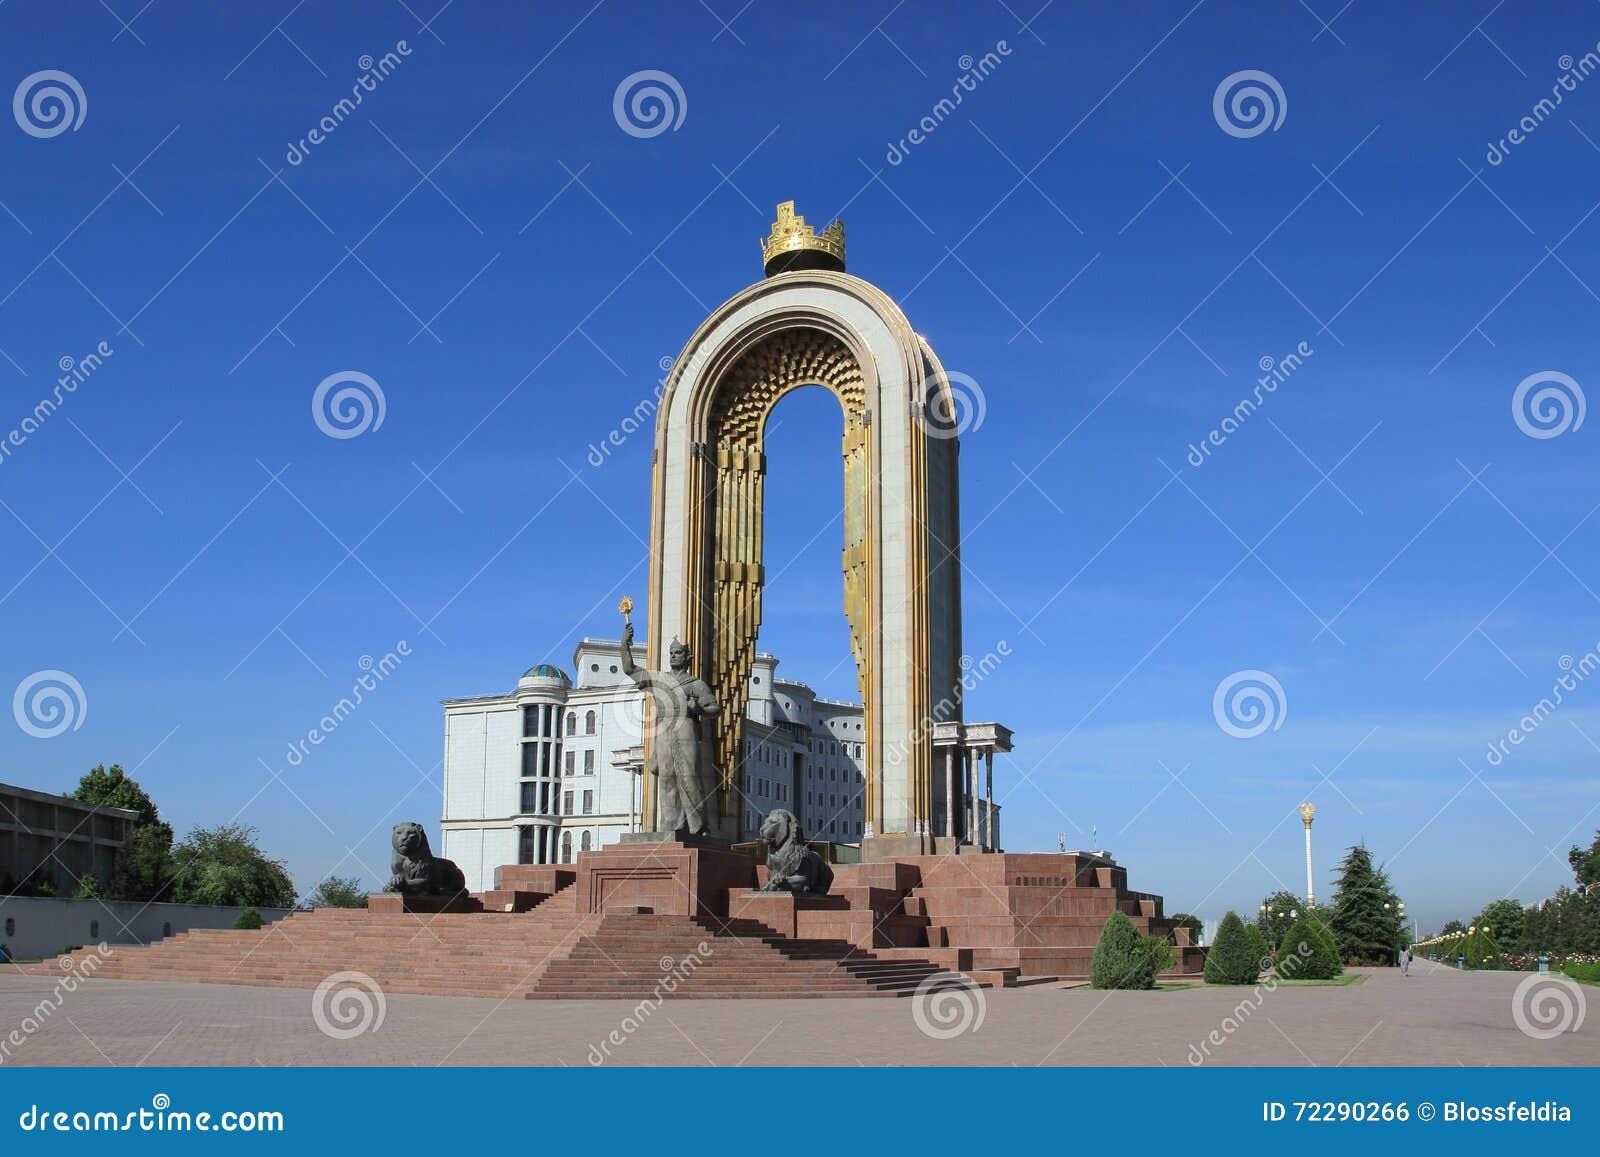 Download Памятник эмира Ismail Samani в городе Душанбе, Таджикистане Стоковое Фото - изображение насчитывающей город, популярно: 72290266